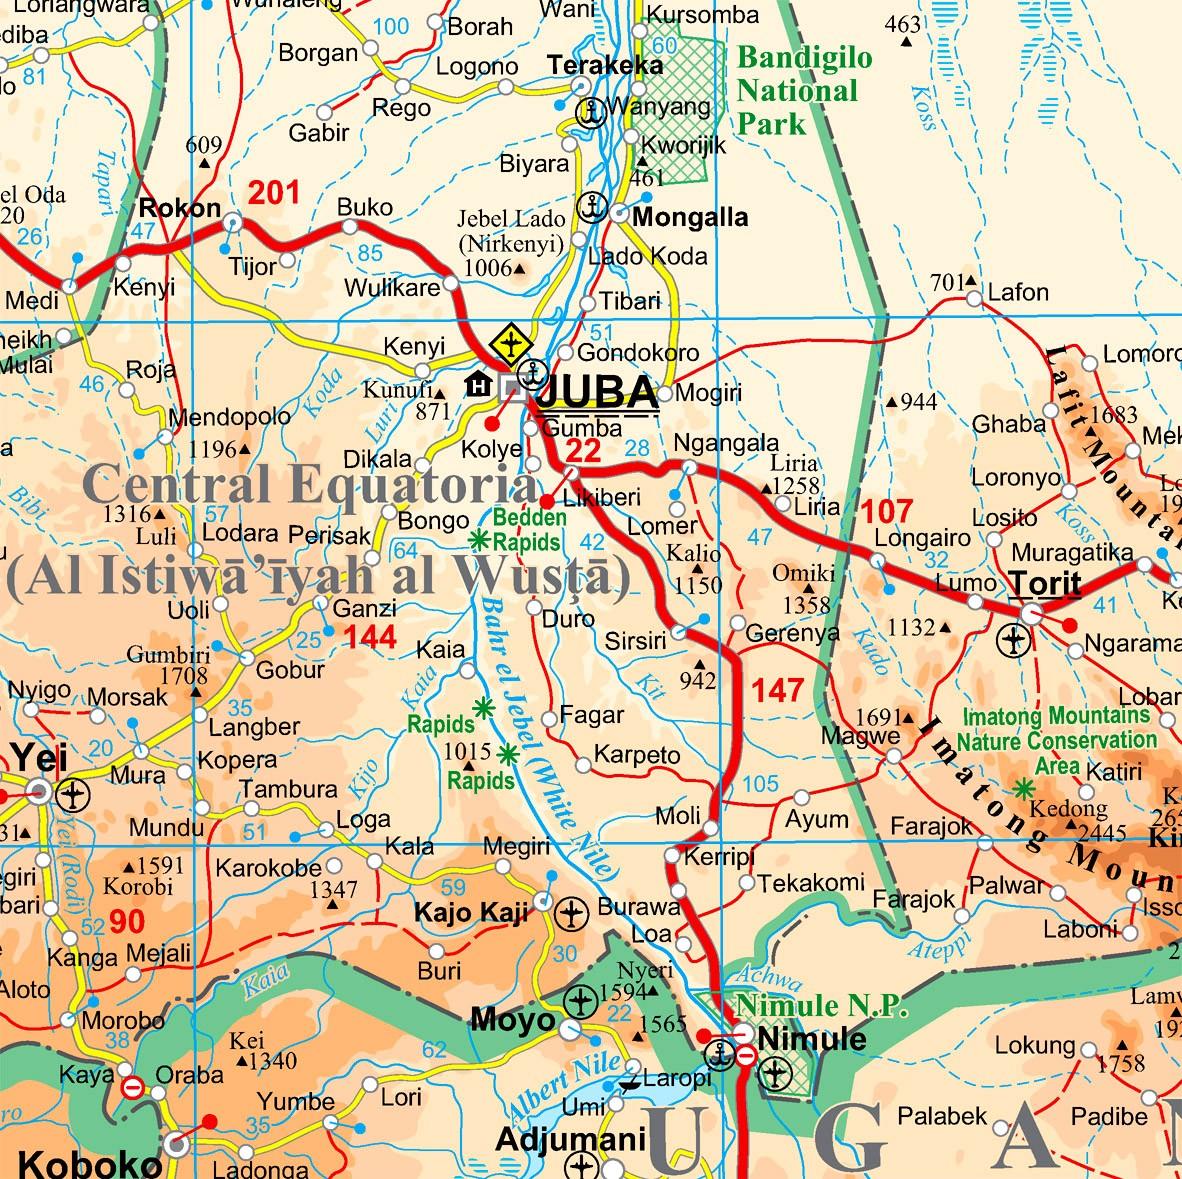 Dél-Szudán: Juba környéke